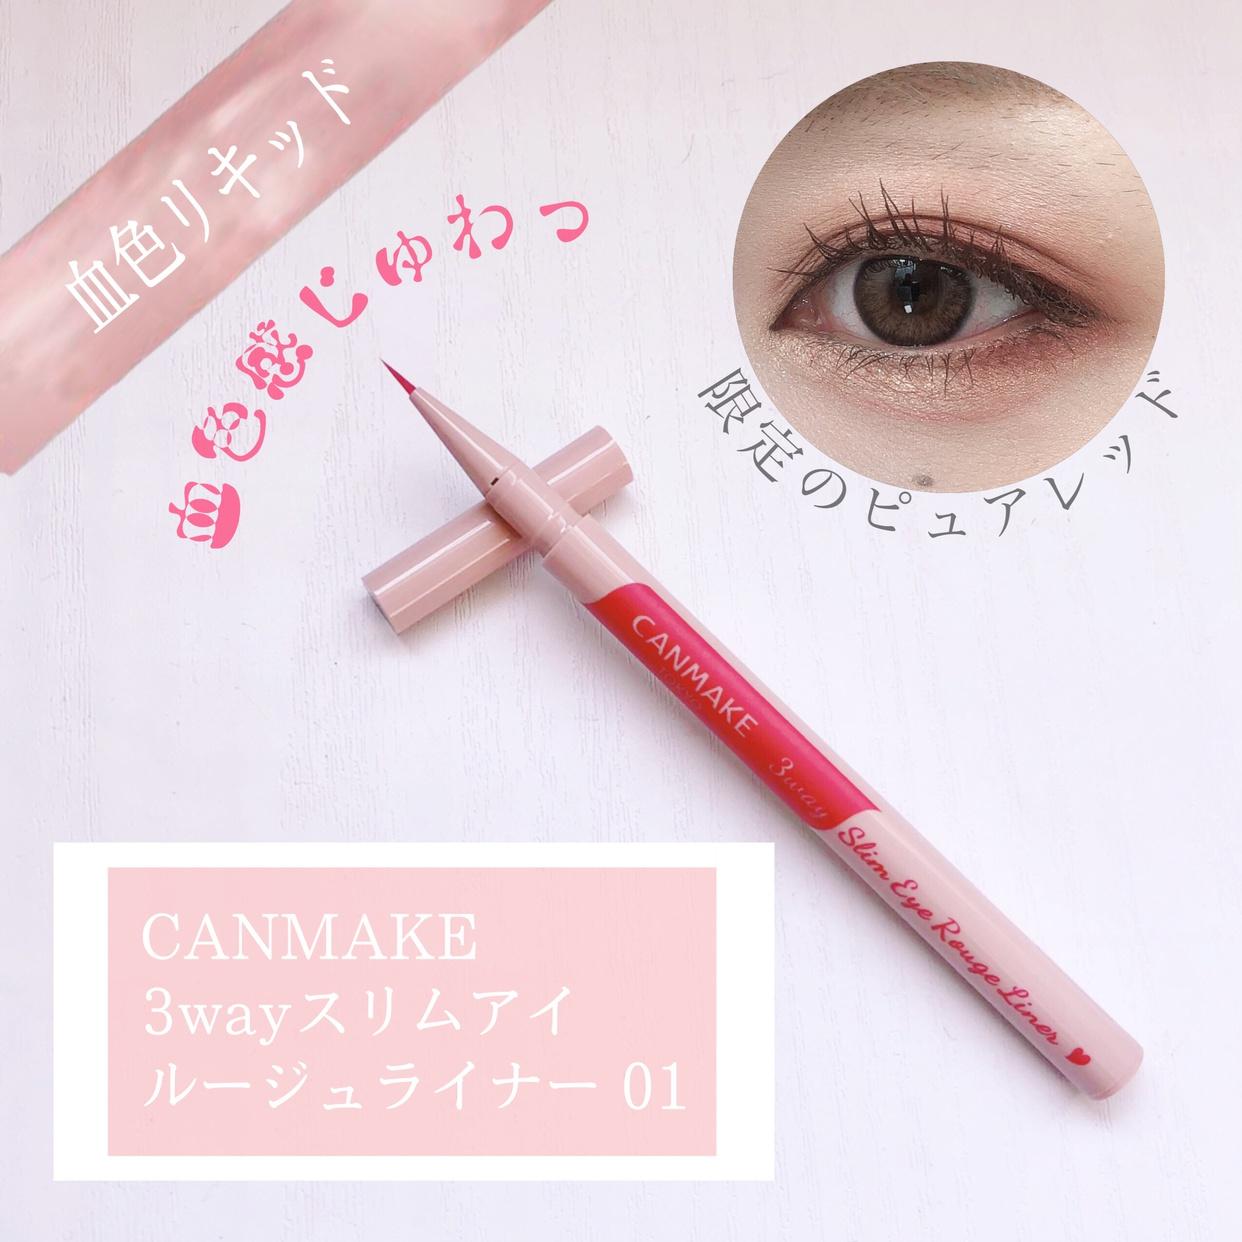 CANMAKE(キャンメイク) 3wayスリムアイルージュライナーを使ったsachikoさんのクチコミ画像